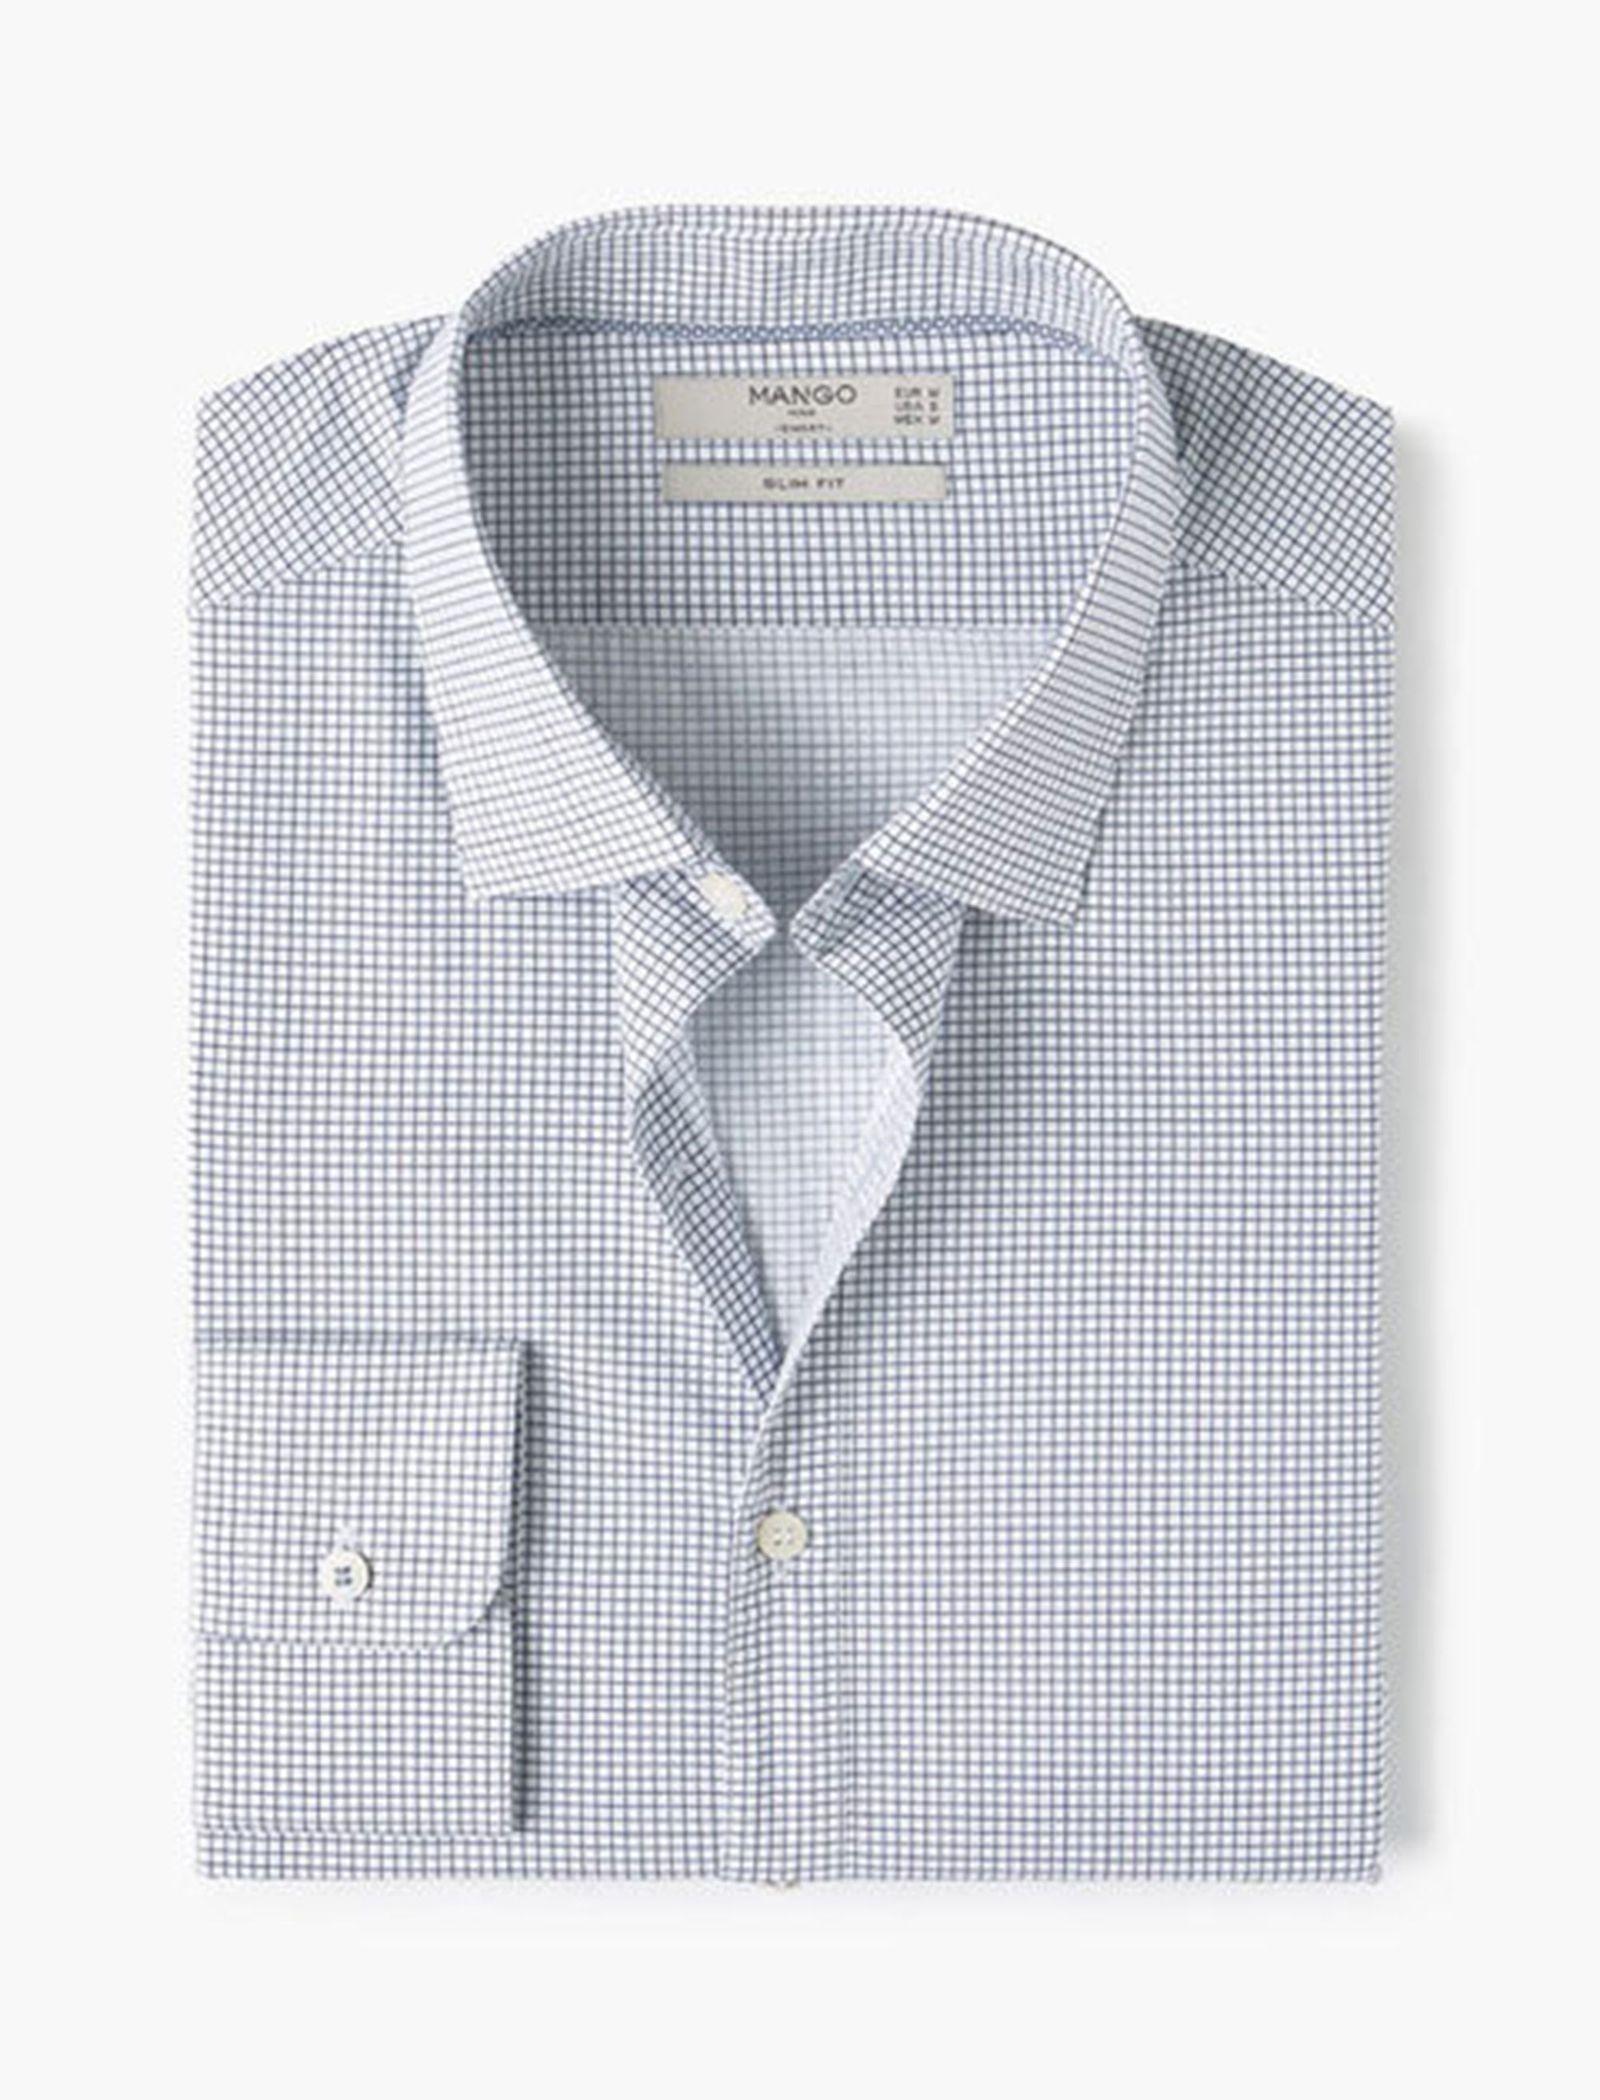 پیراهن آستین بلند مردانه - مانگو - سفيد و آبي - 4